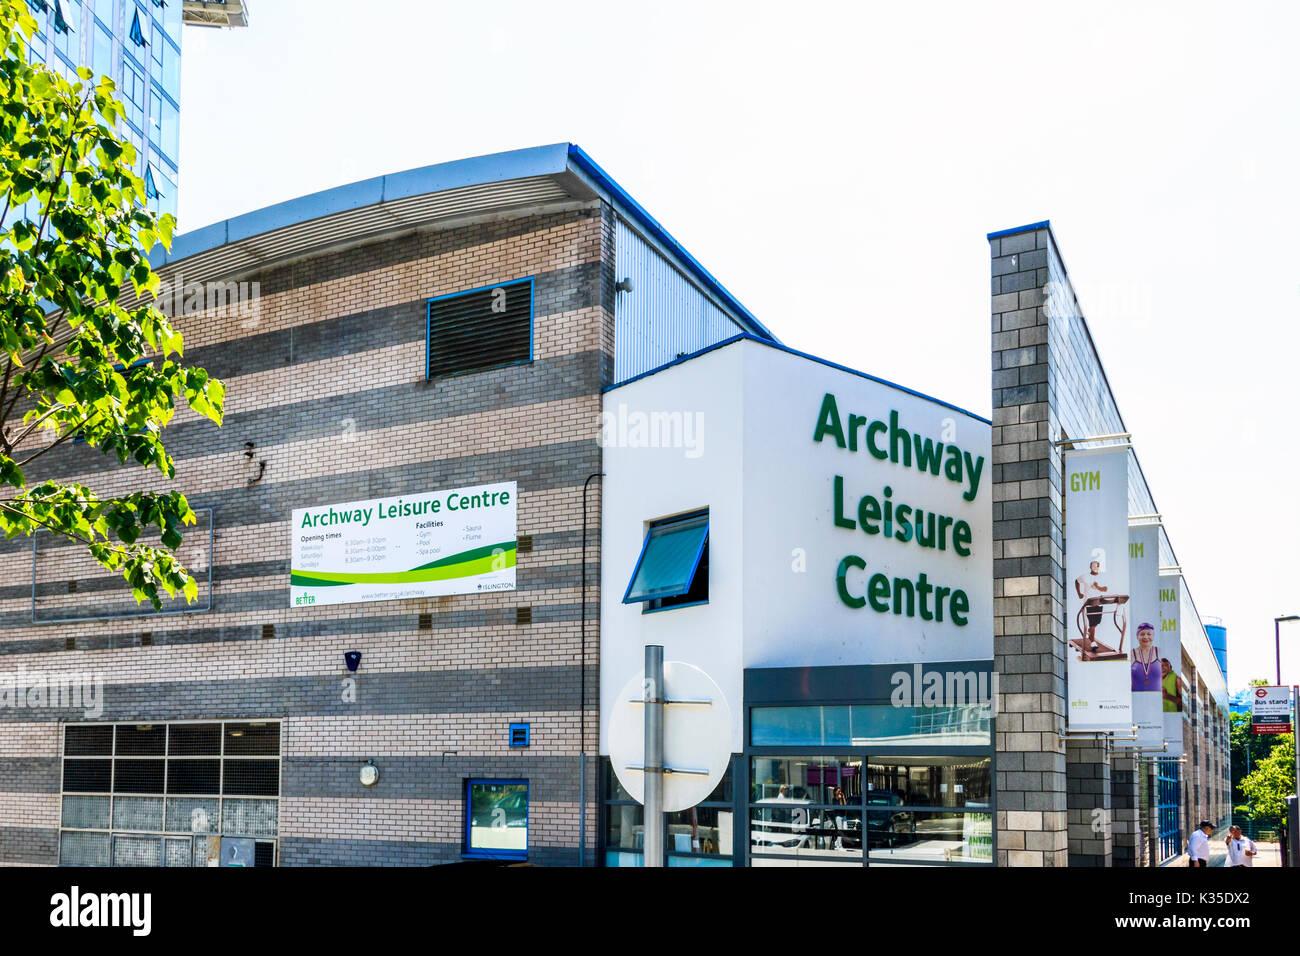 Archway Leisure Centre, nel nord di Londra Immagini Stock